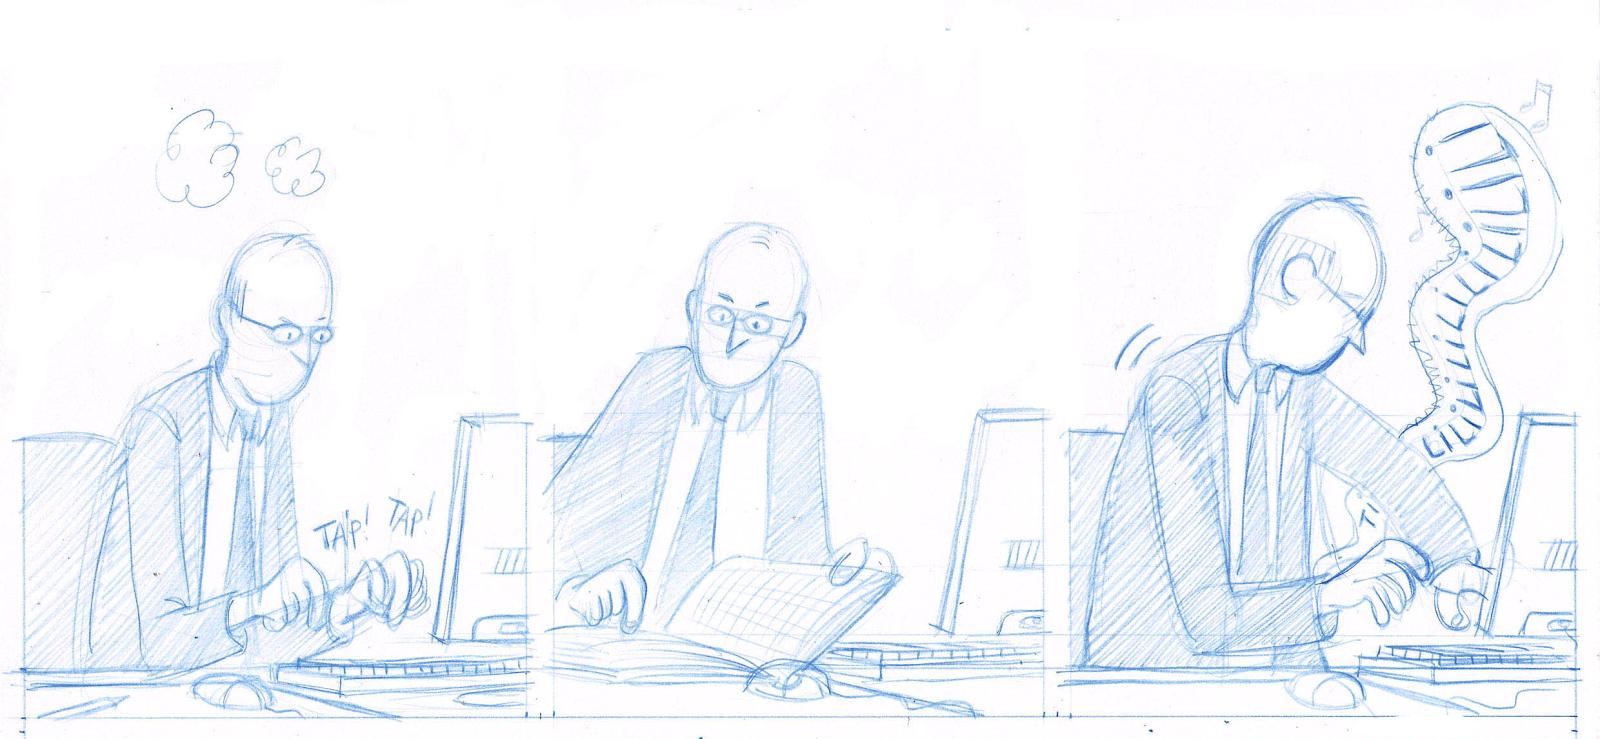 Les deux vies de Baudouin, storyboard d'un strip de l'album © Delcourt / Toulmé